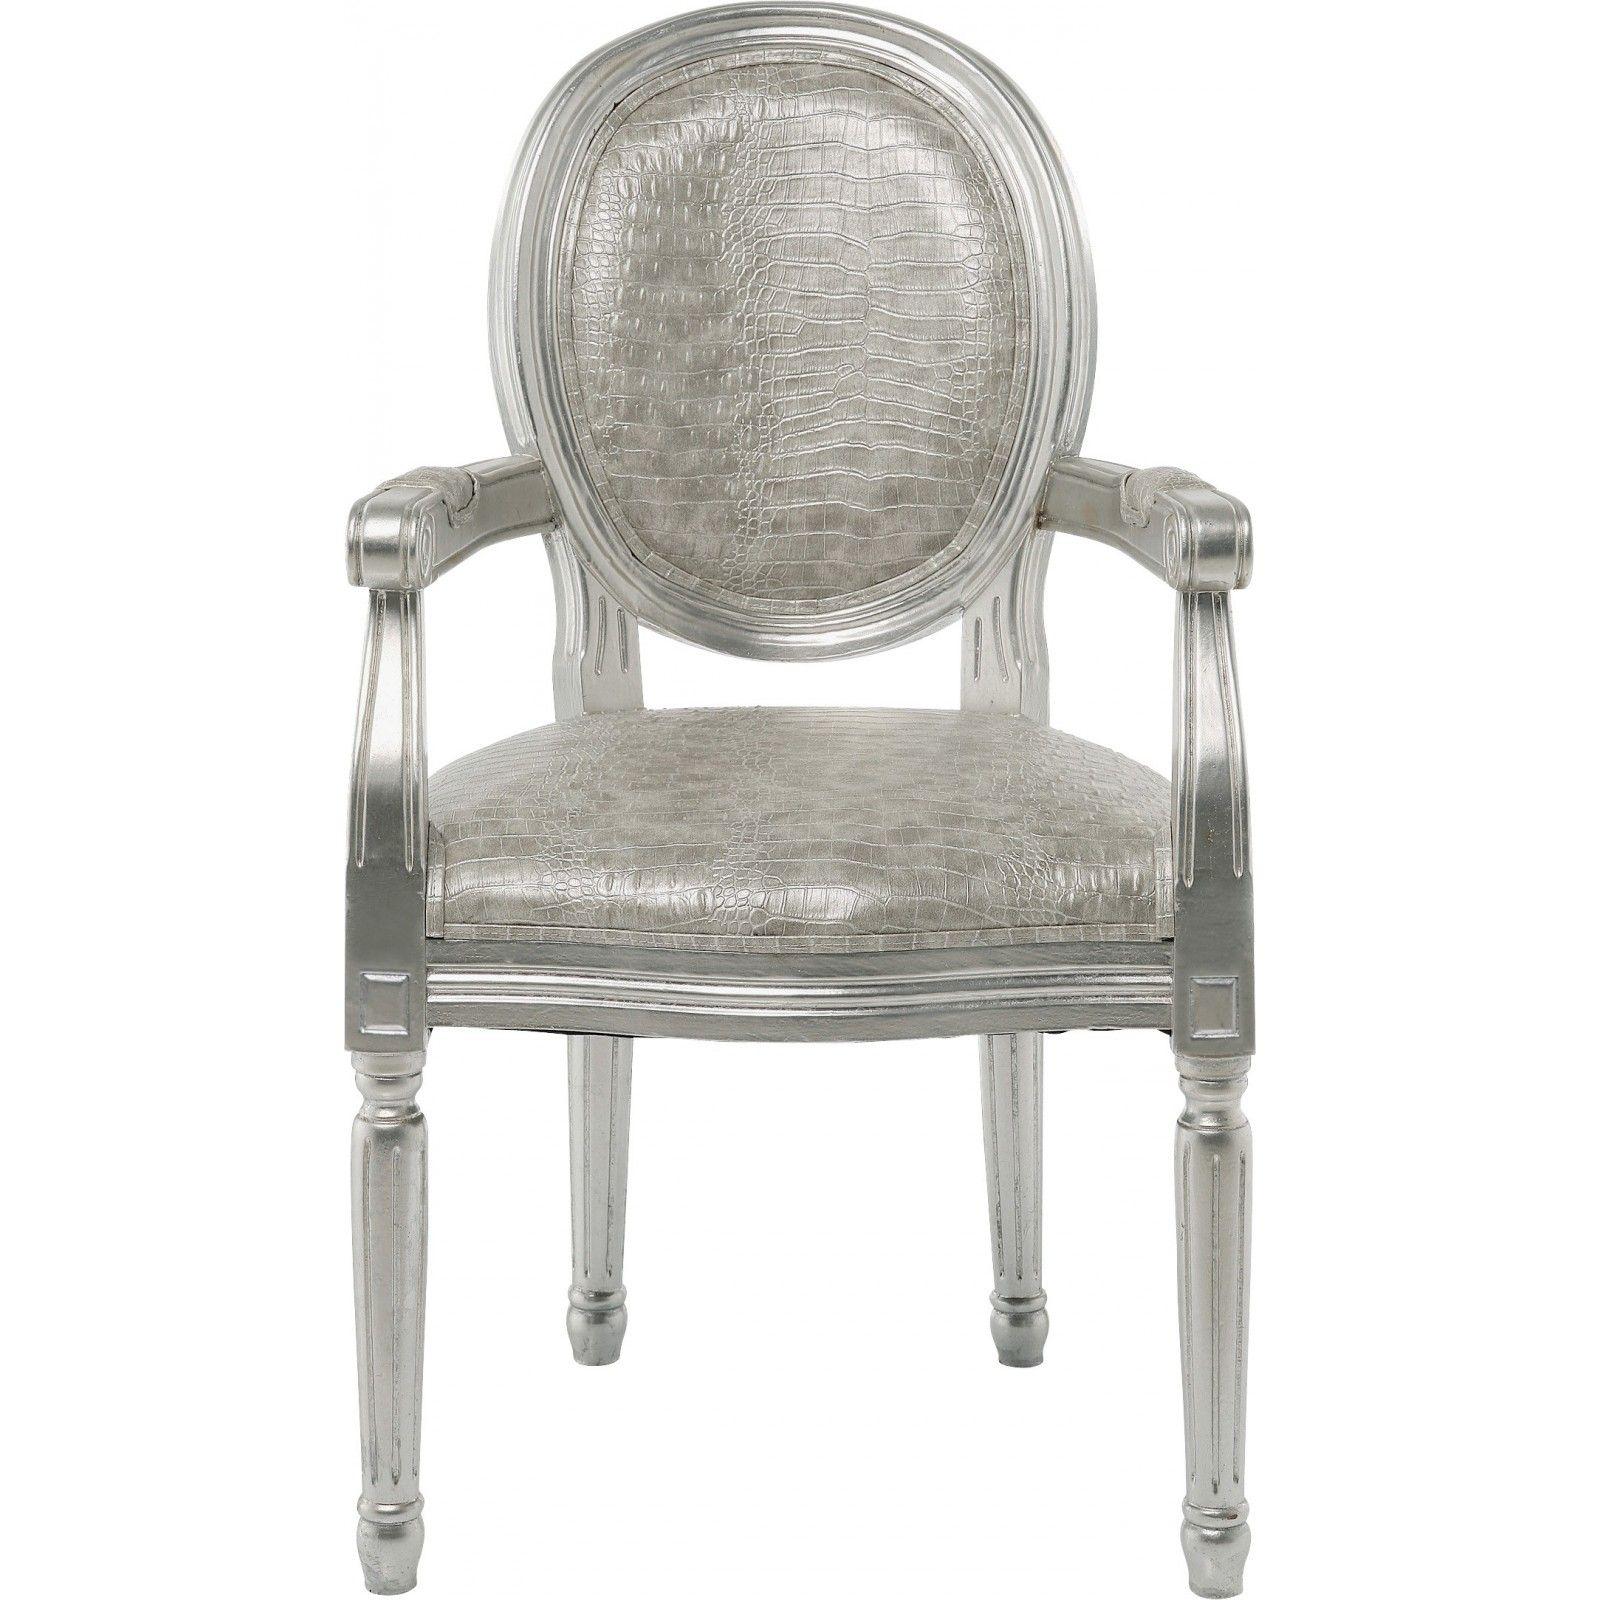 Chaise avec accoudoirs baroque argent - Louis - Kare Design